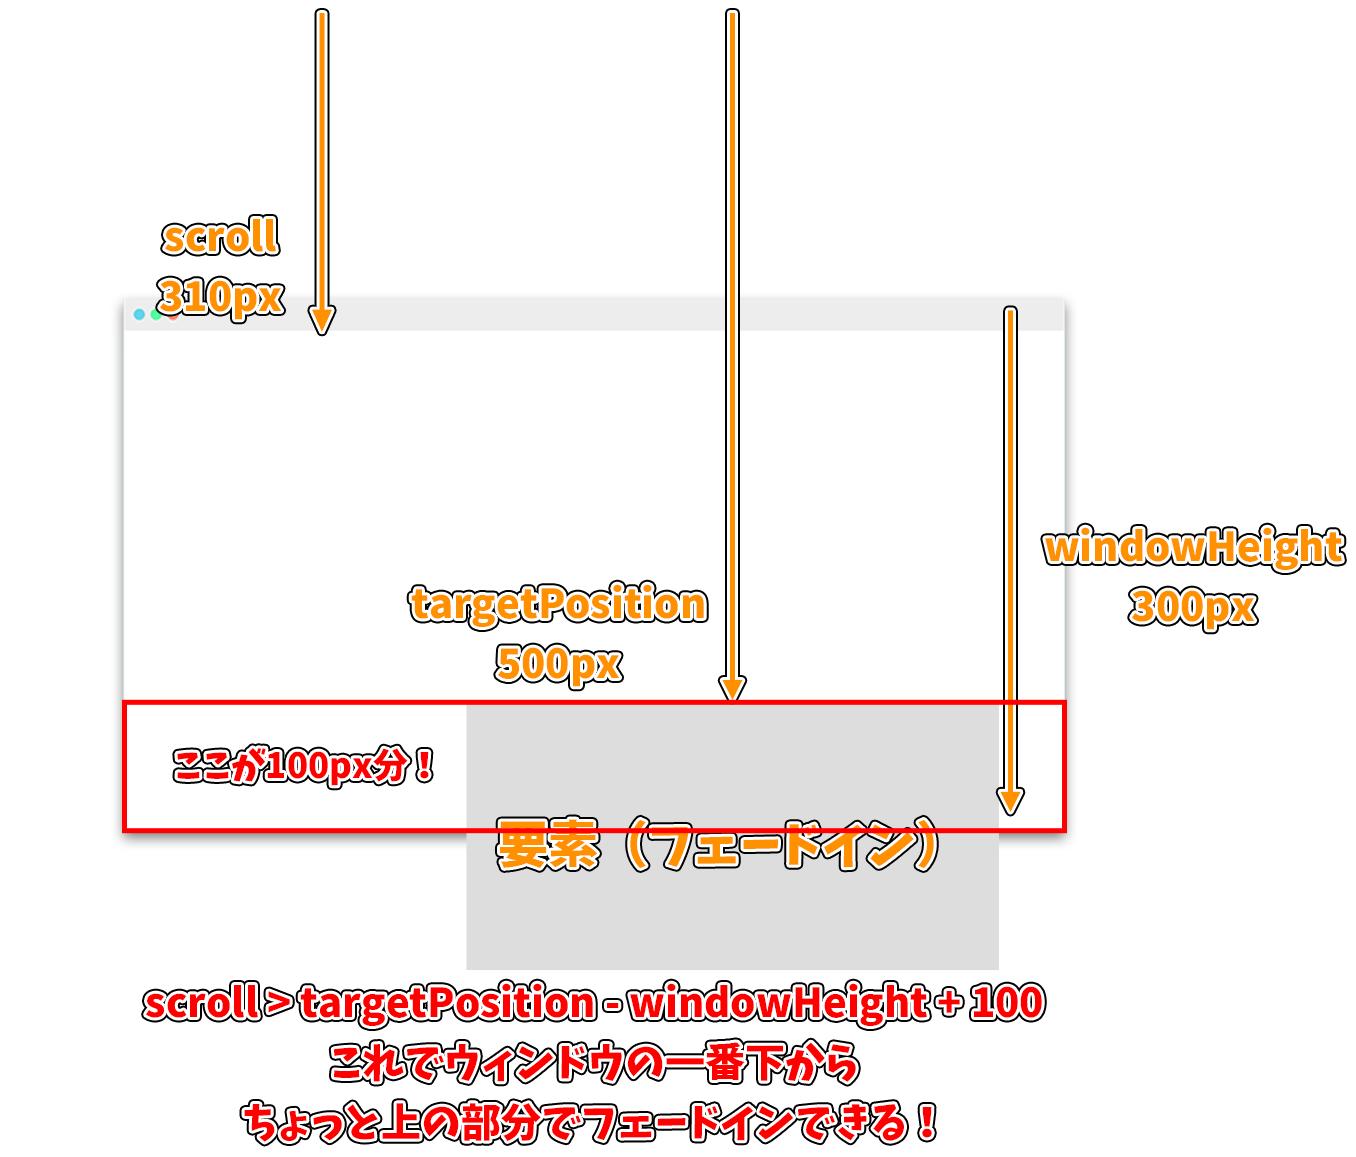 スクロールでフェードインするアニメーションの図解4